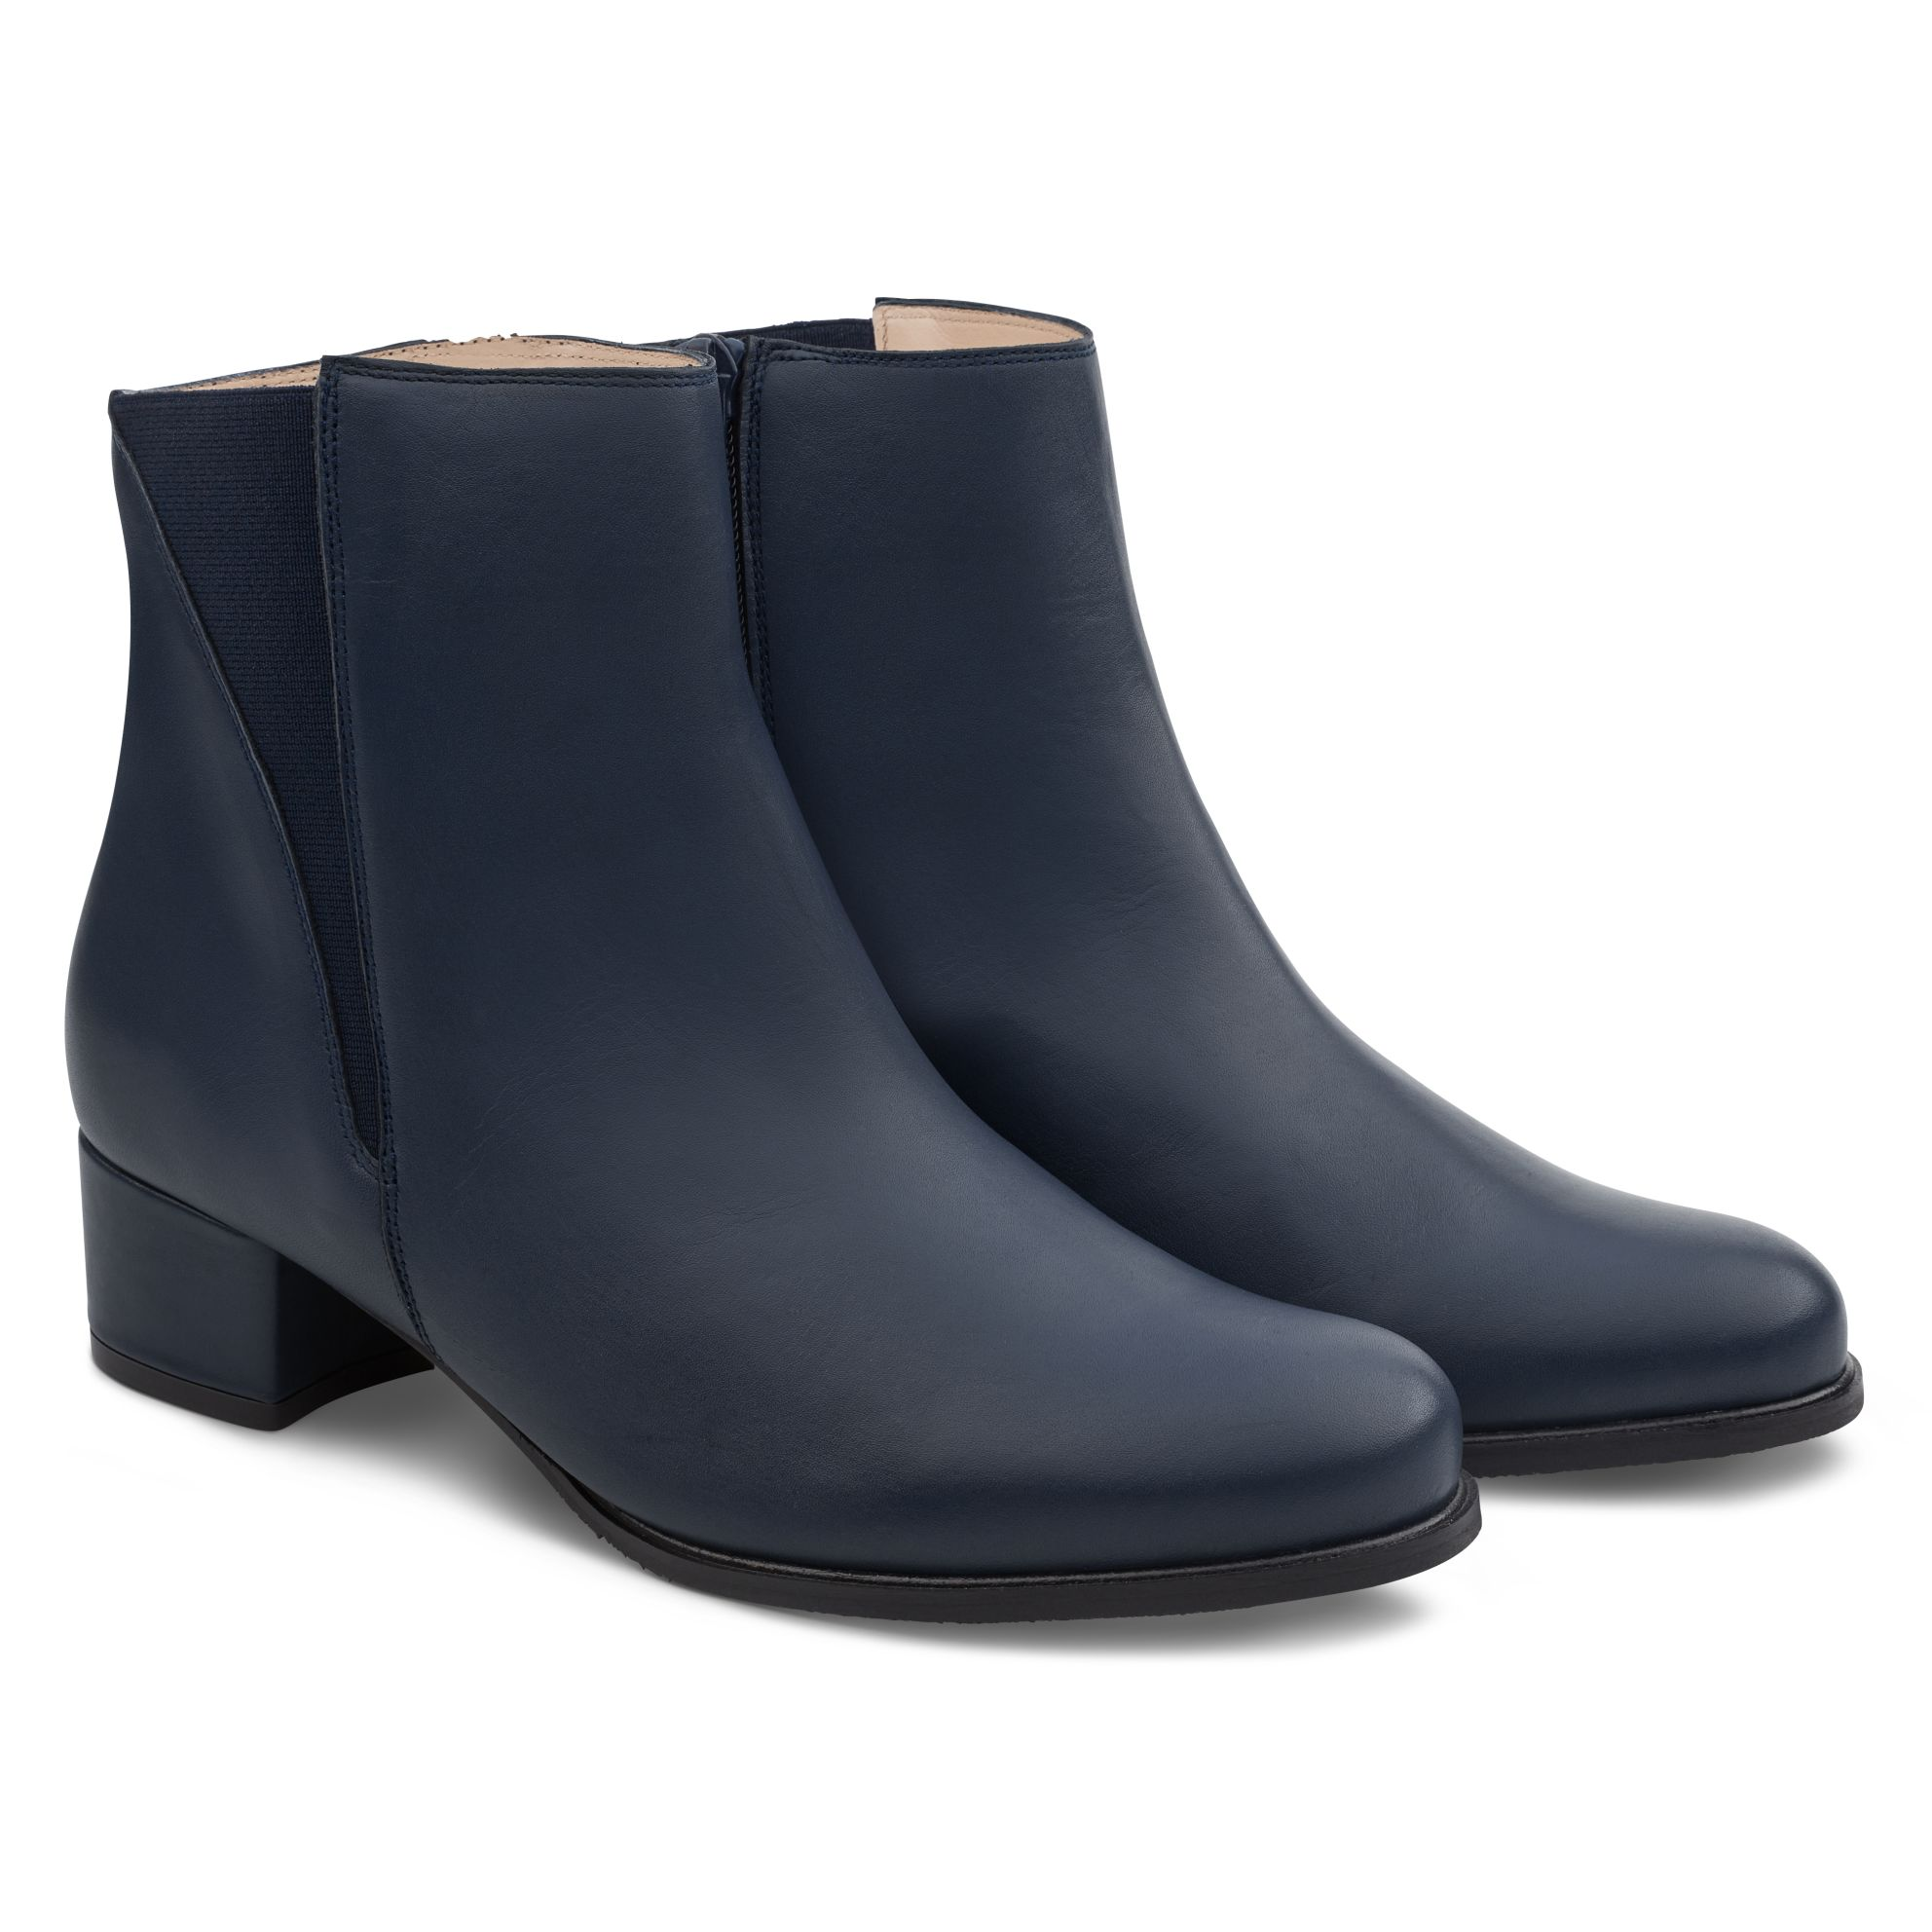 Feminine Stiefelette Marine – modischer und bequemer Schuh für Hallux valgus und empfindliche Füße von LaShoe.de